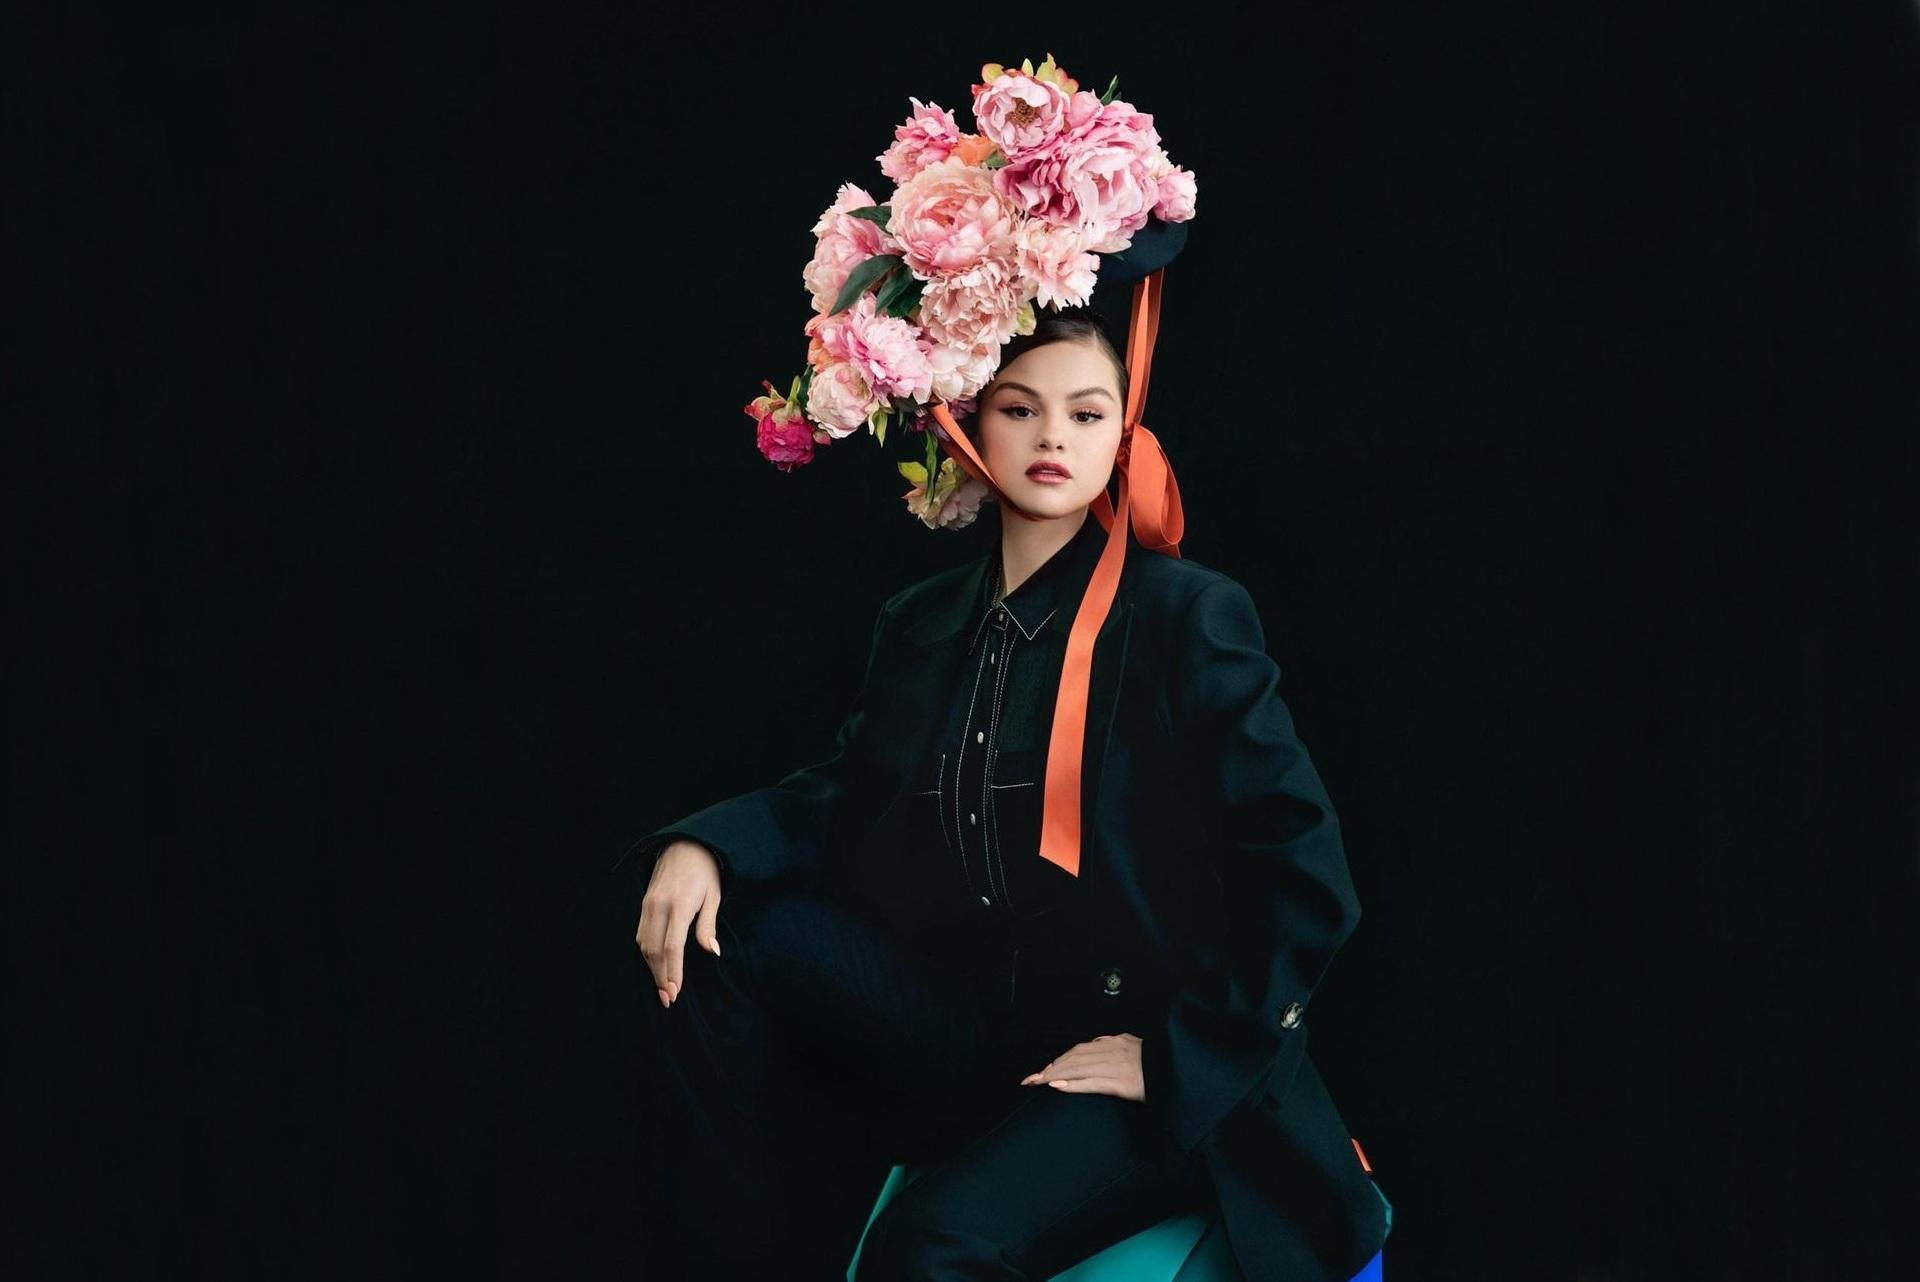 Revelacion-le-dernier-album-de-Selena-Gomez